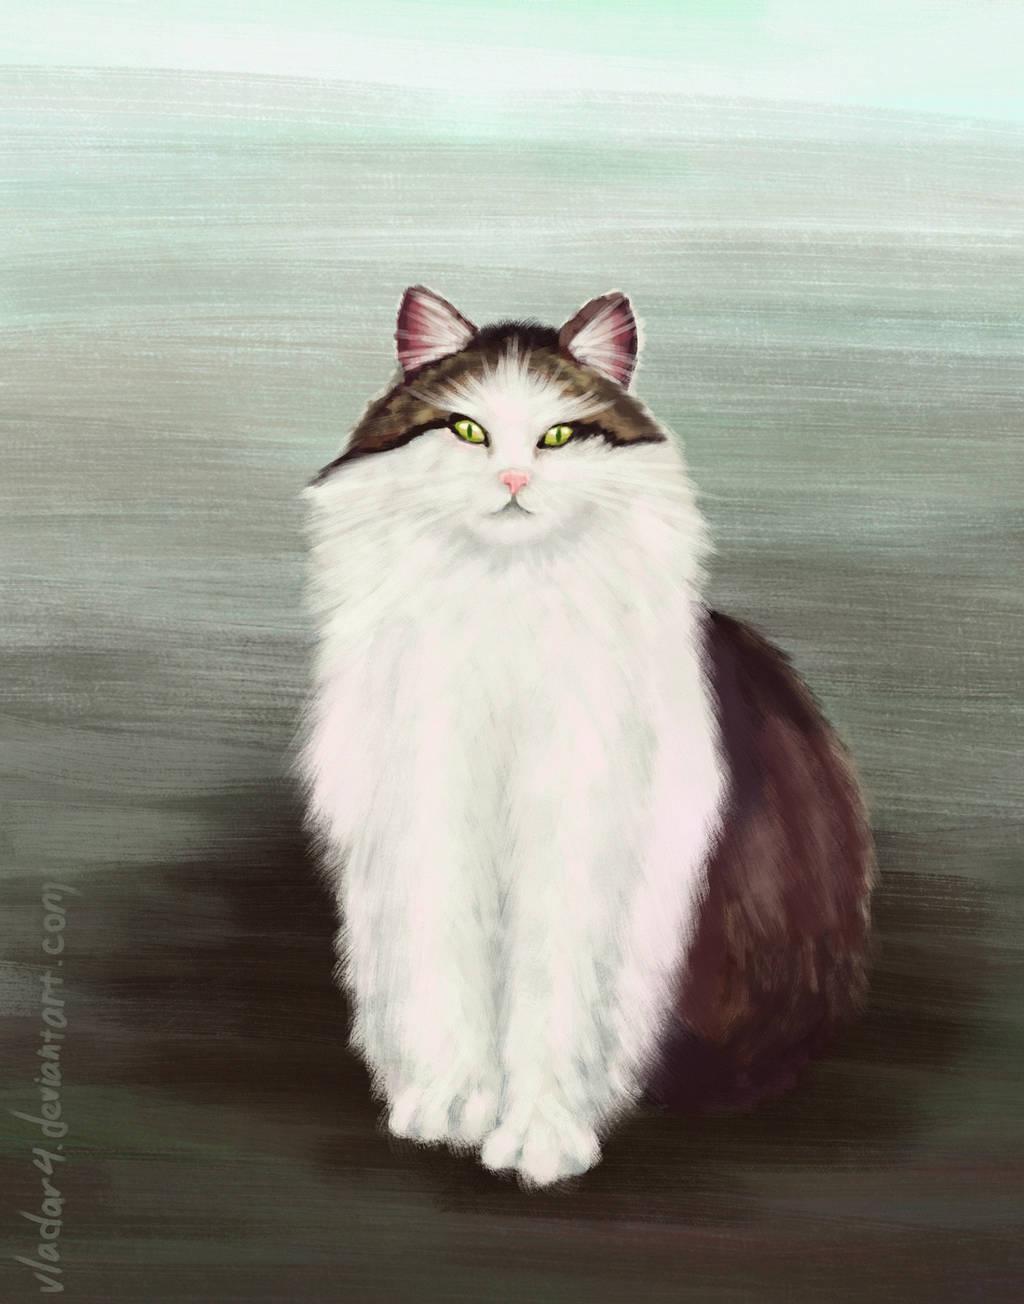 Cat [speedpaint] by Vladar4